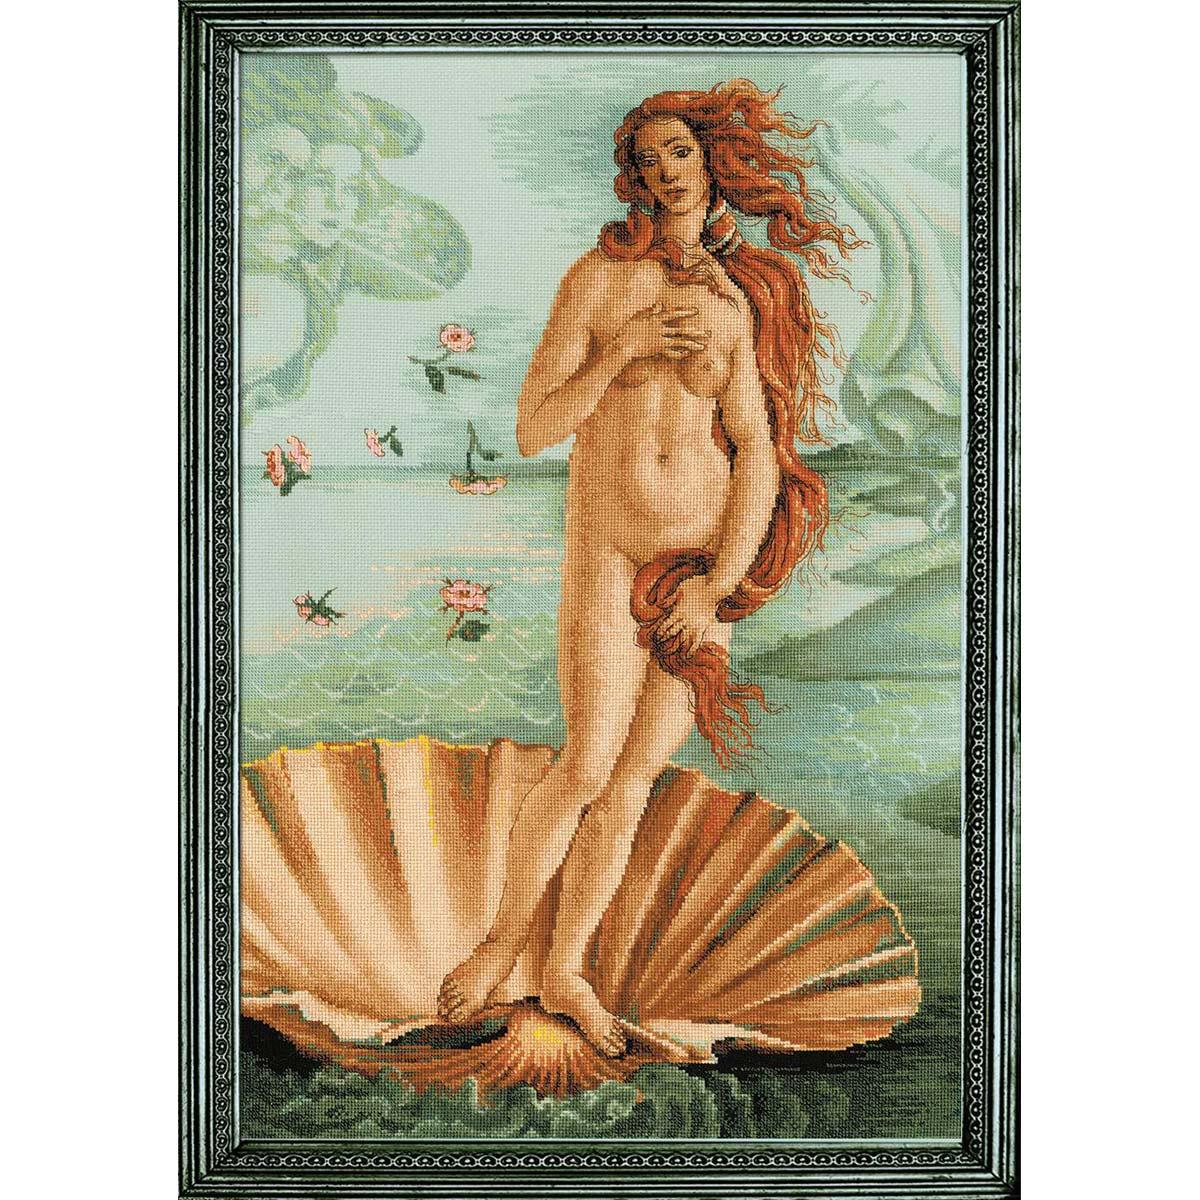 100/062 Набор для вышивания Риолис 'Рождение Венеры' по мотивам картины С. Боттичелли' 40*60 см